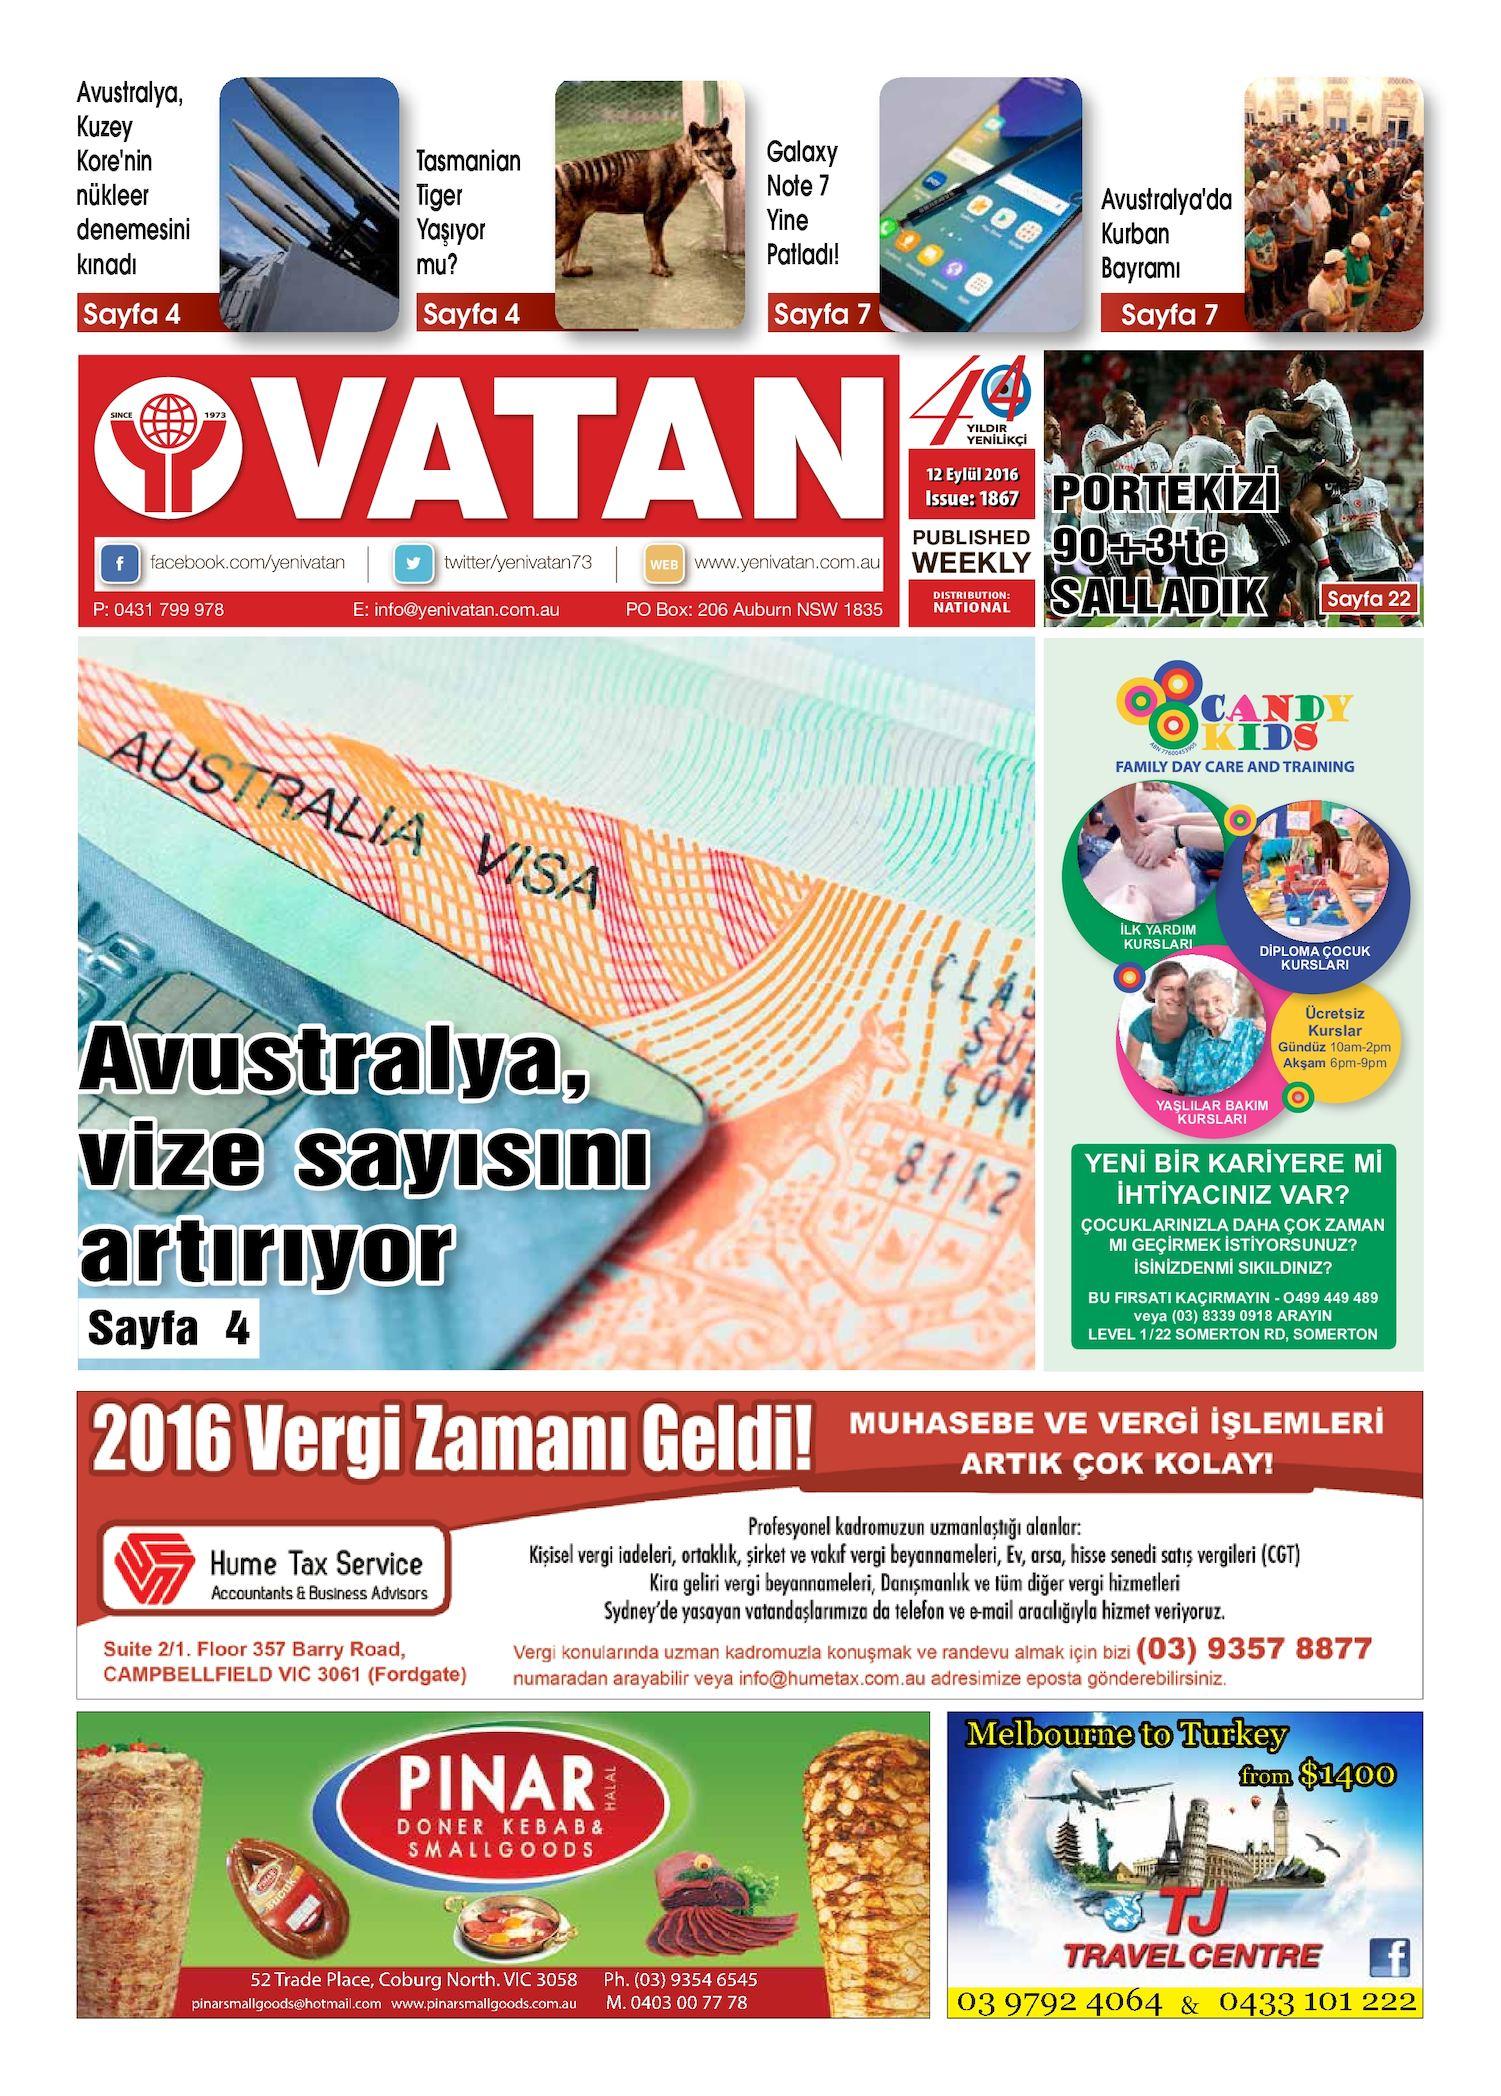 Calameo Yeni Vatan Turkish Newspaper Issue No 1867